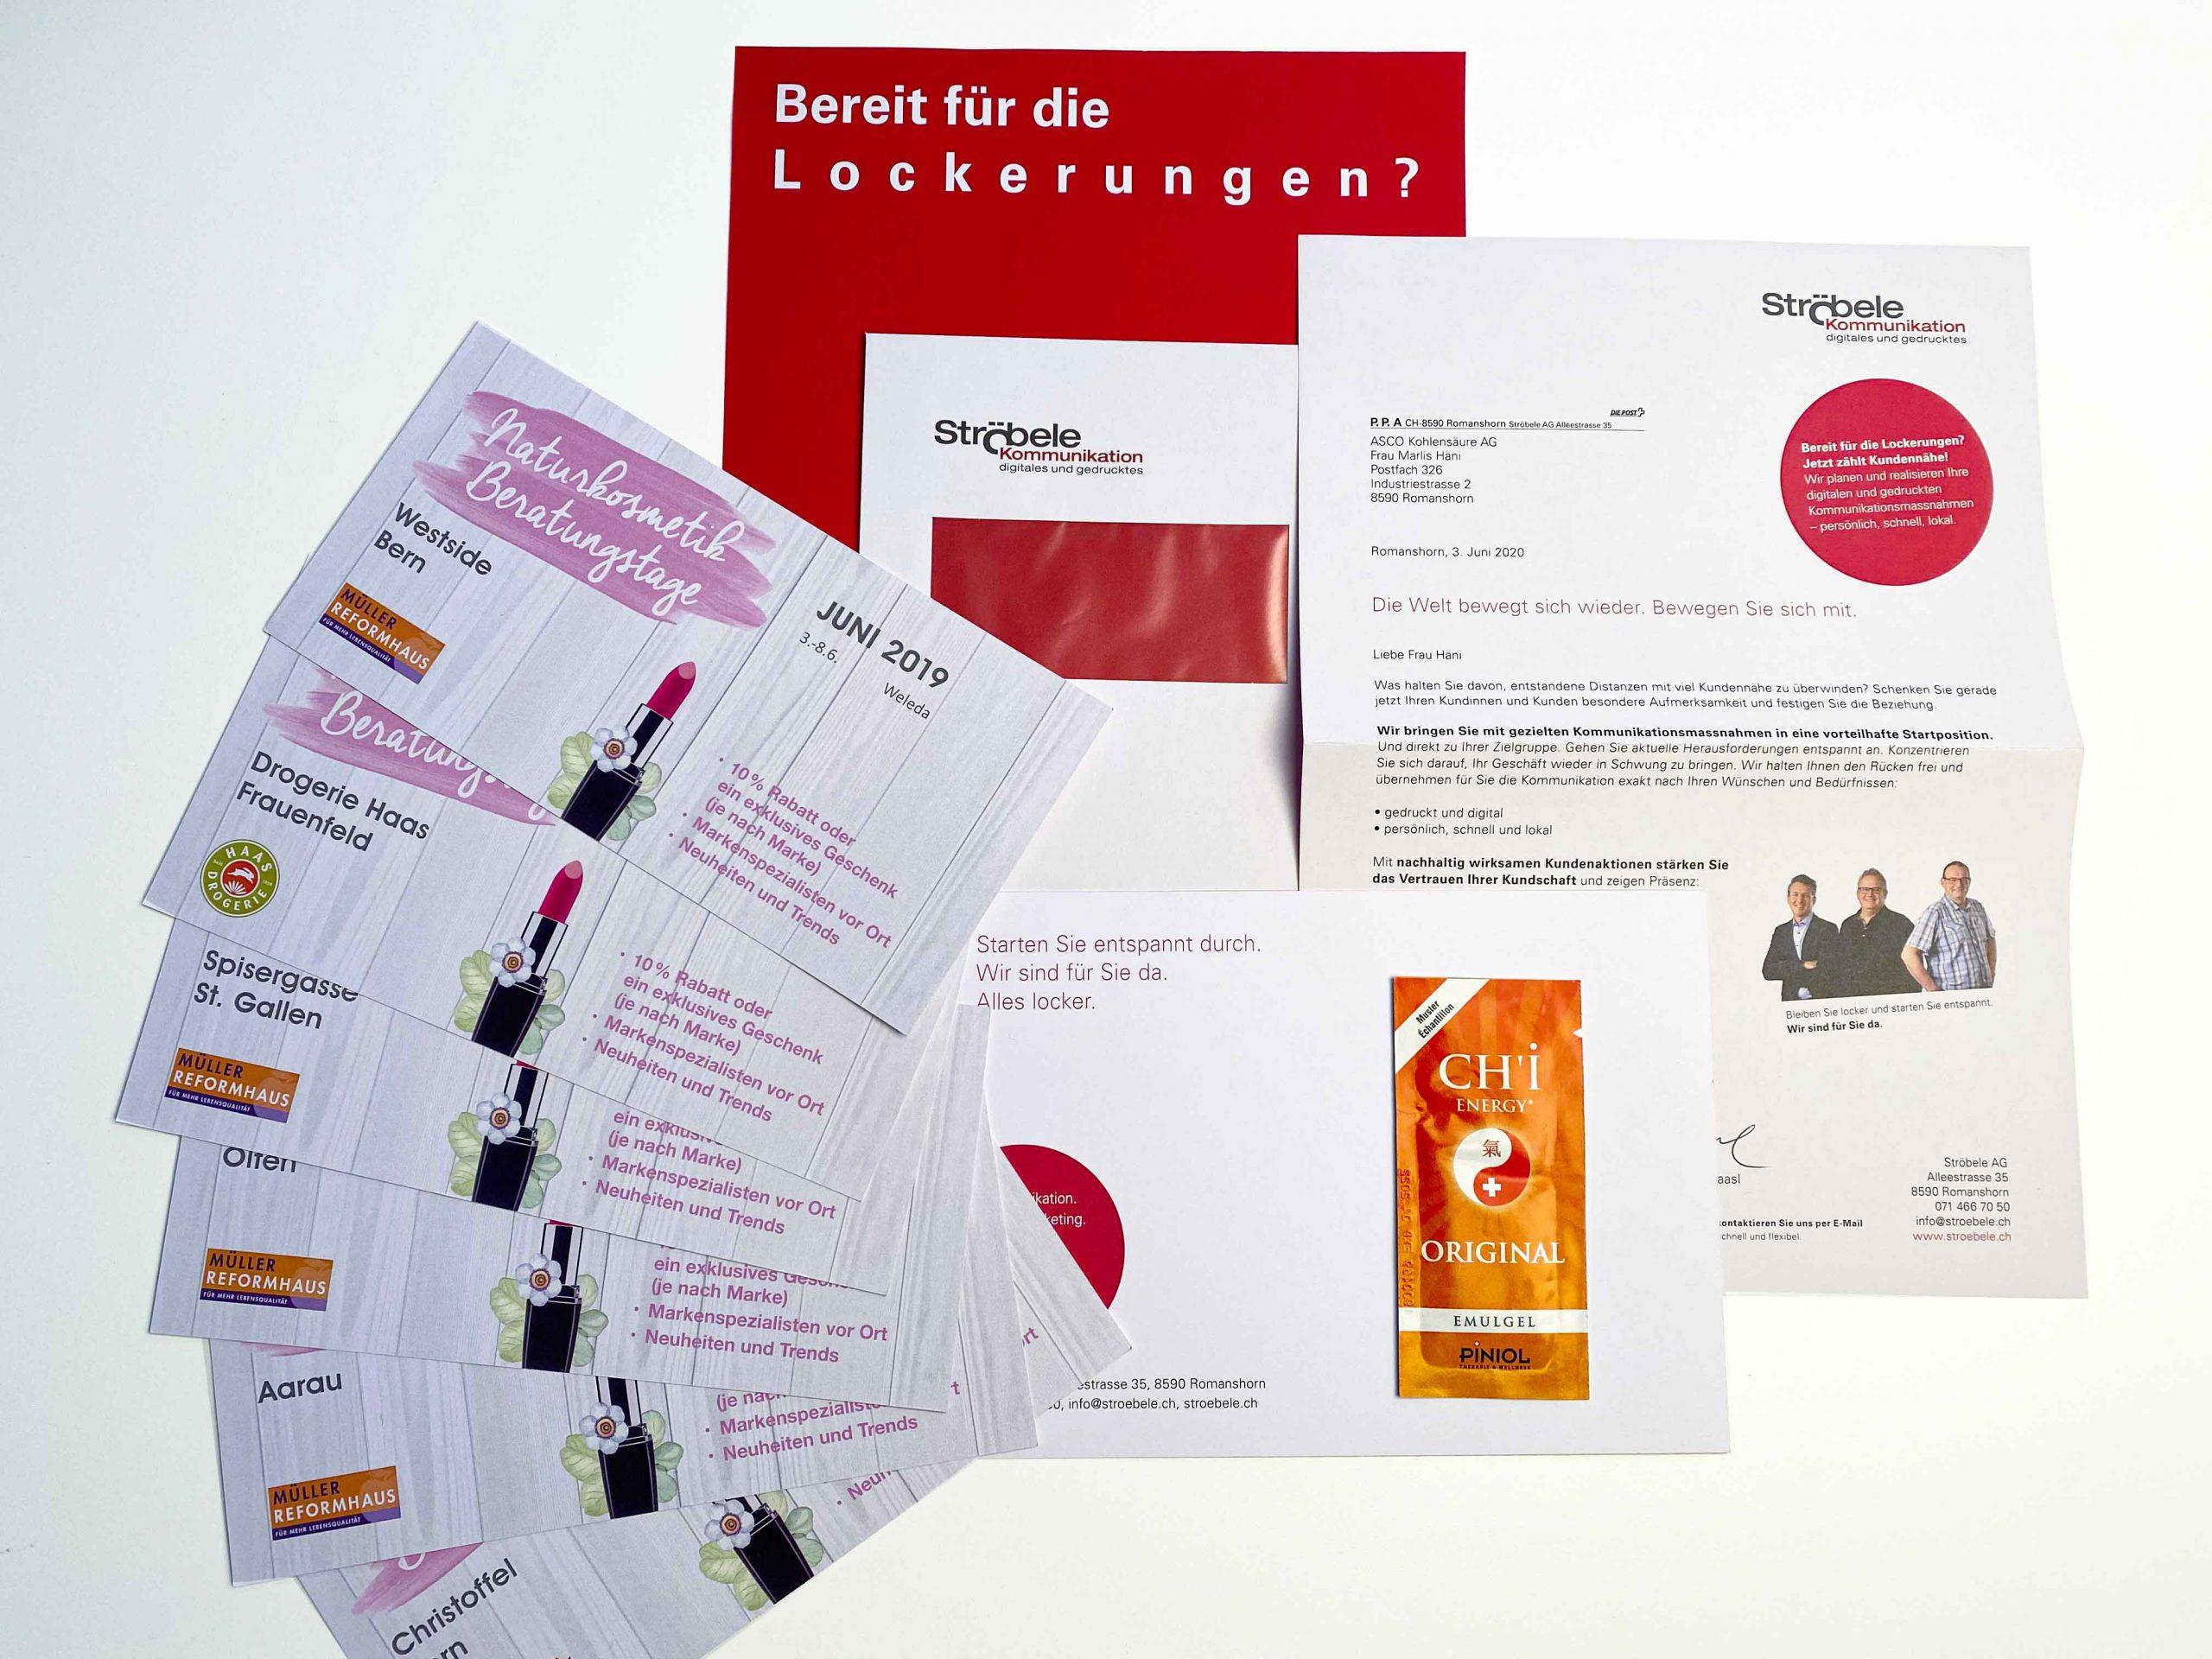 Beispiele von personalisierten Werbesendungen aus der Druckerei Ströbele: Karten für Kosmetik-Beratungstage und Mailingbrief mit Sportgel in eigener Sache